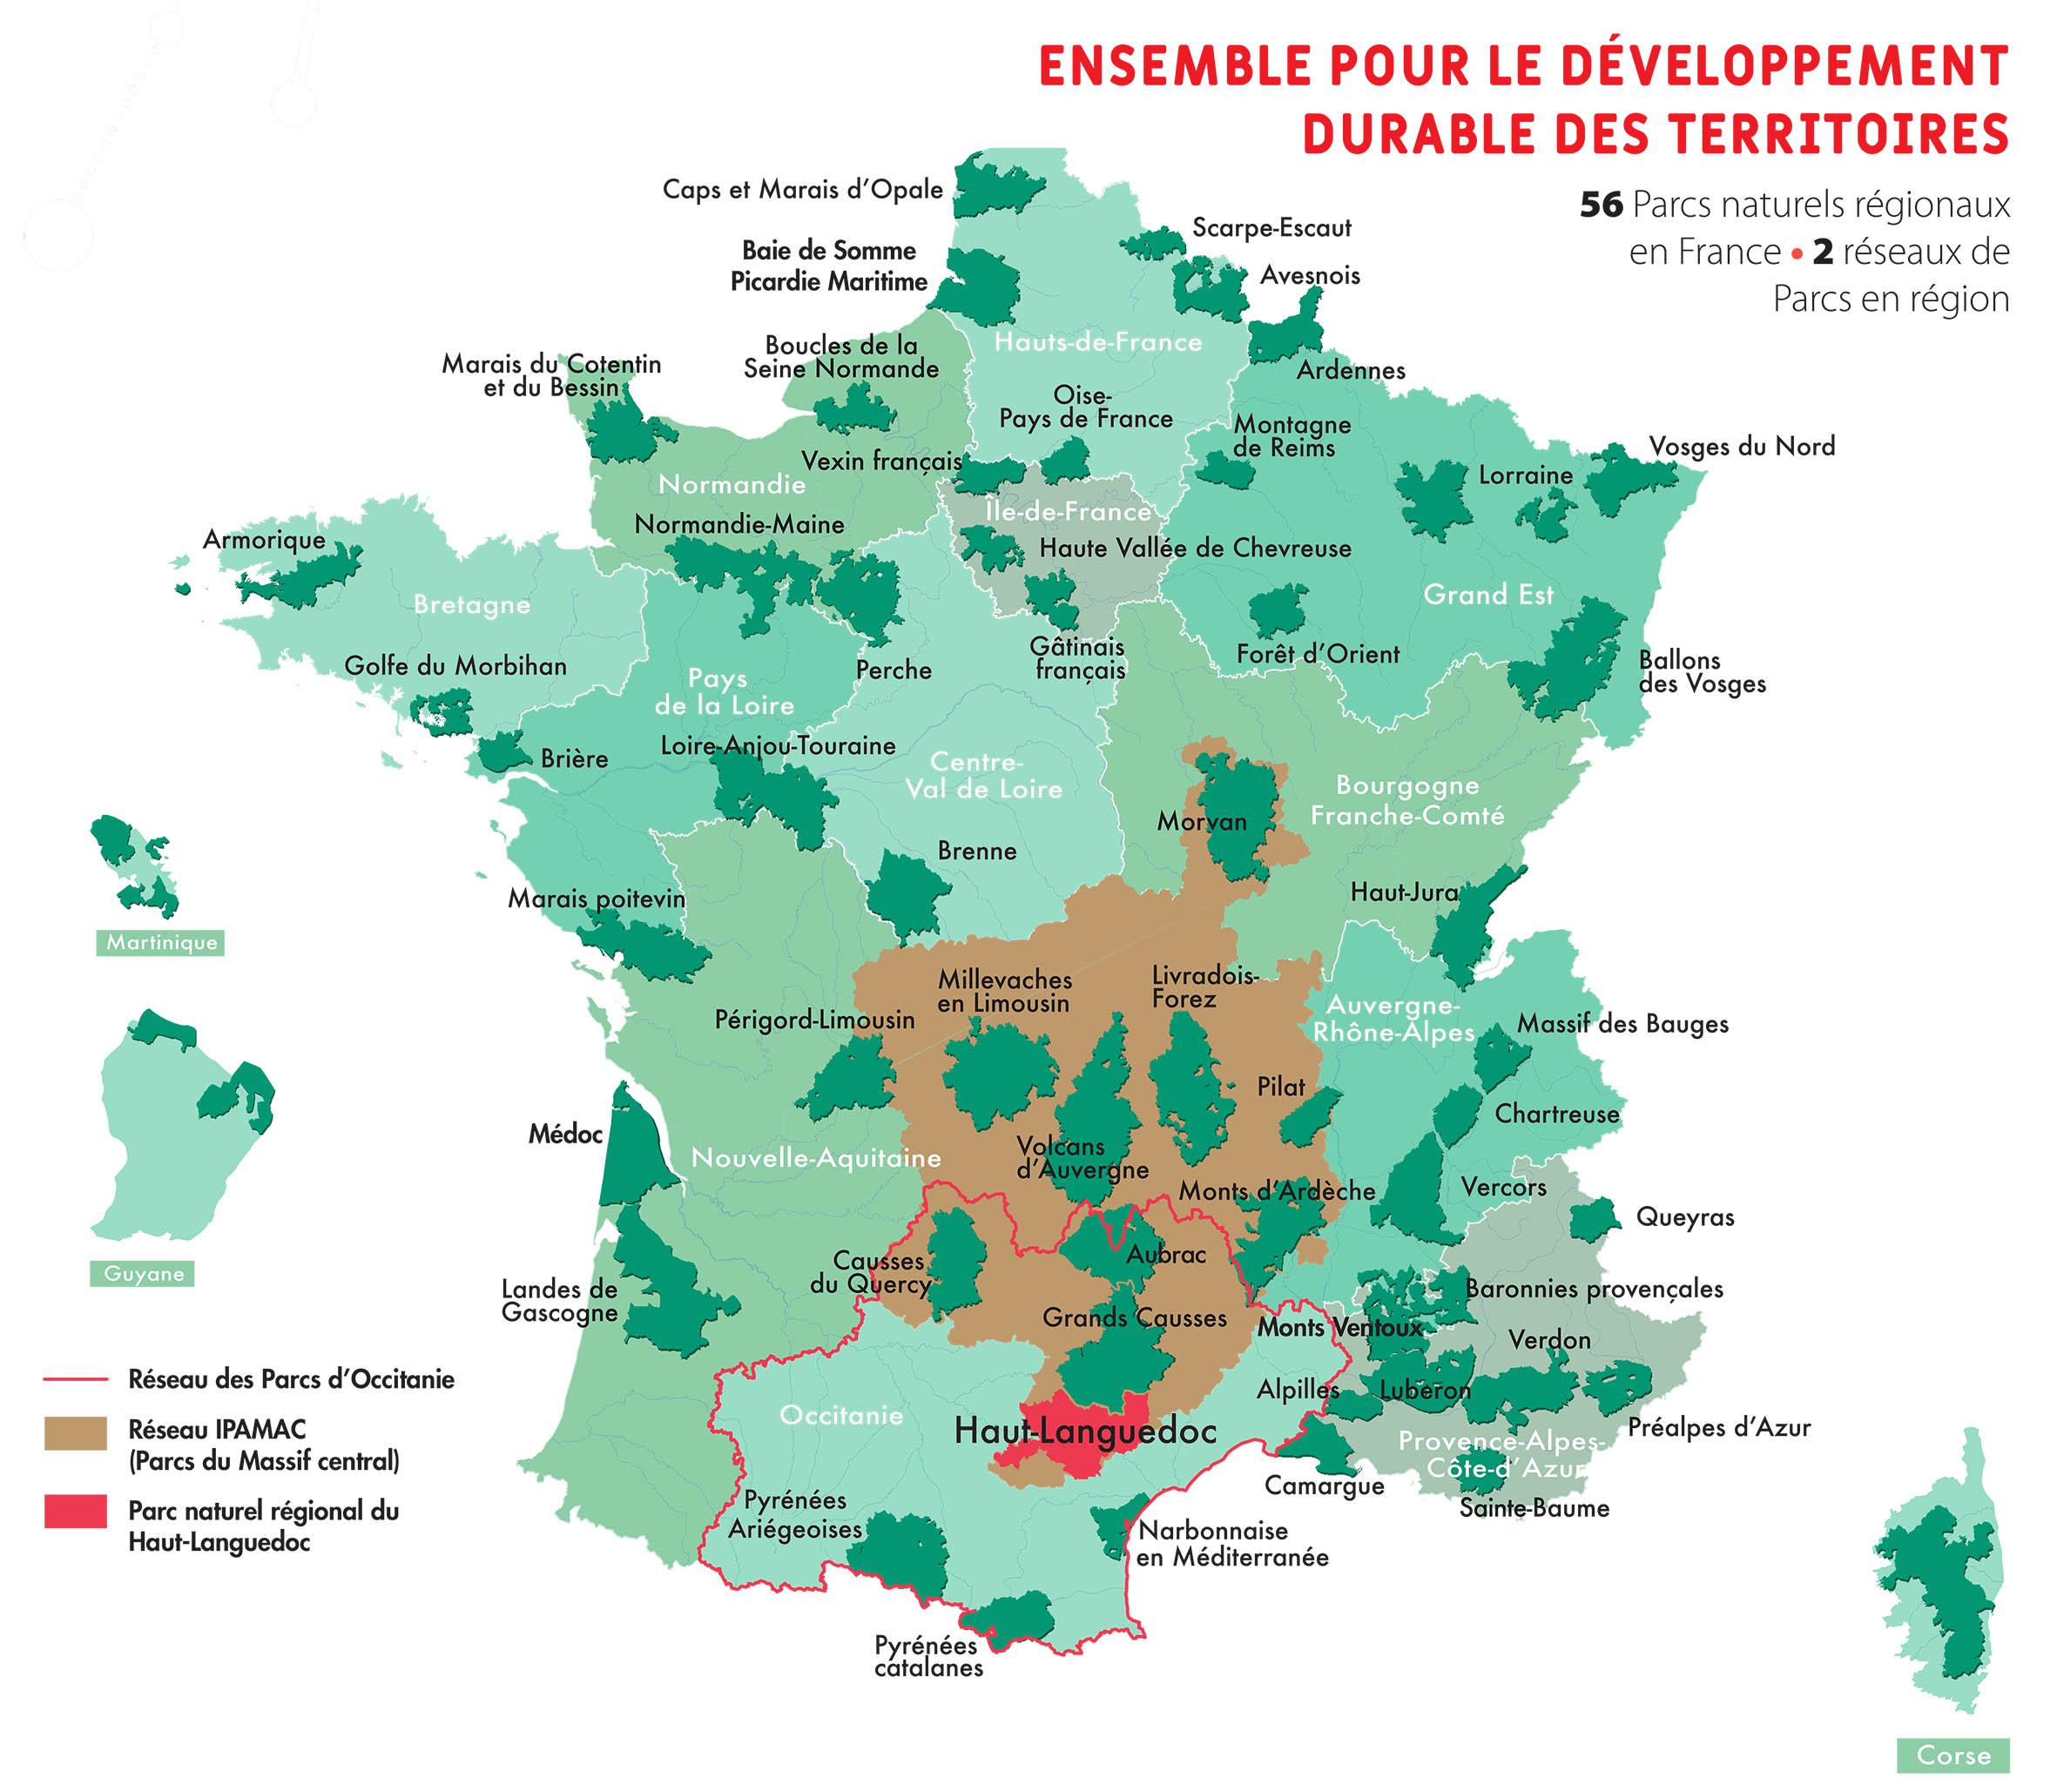 Carte des 56 Parcs naturels régionaux de France